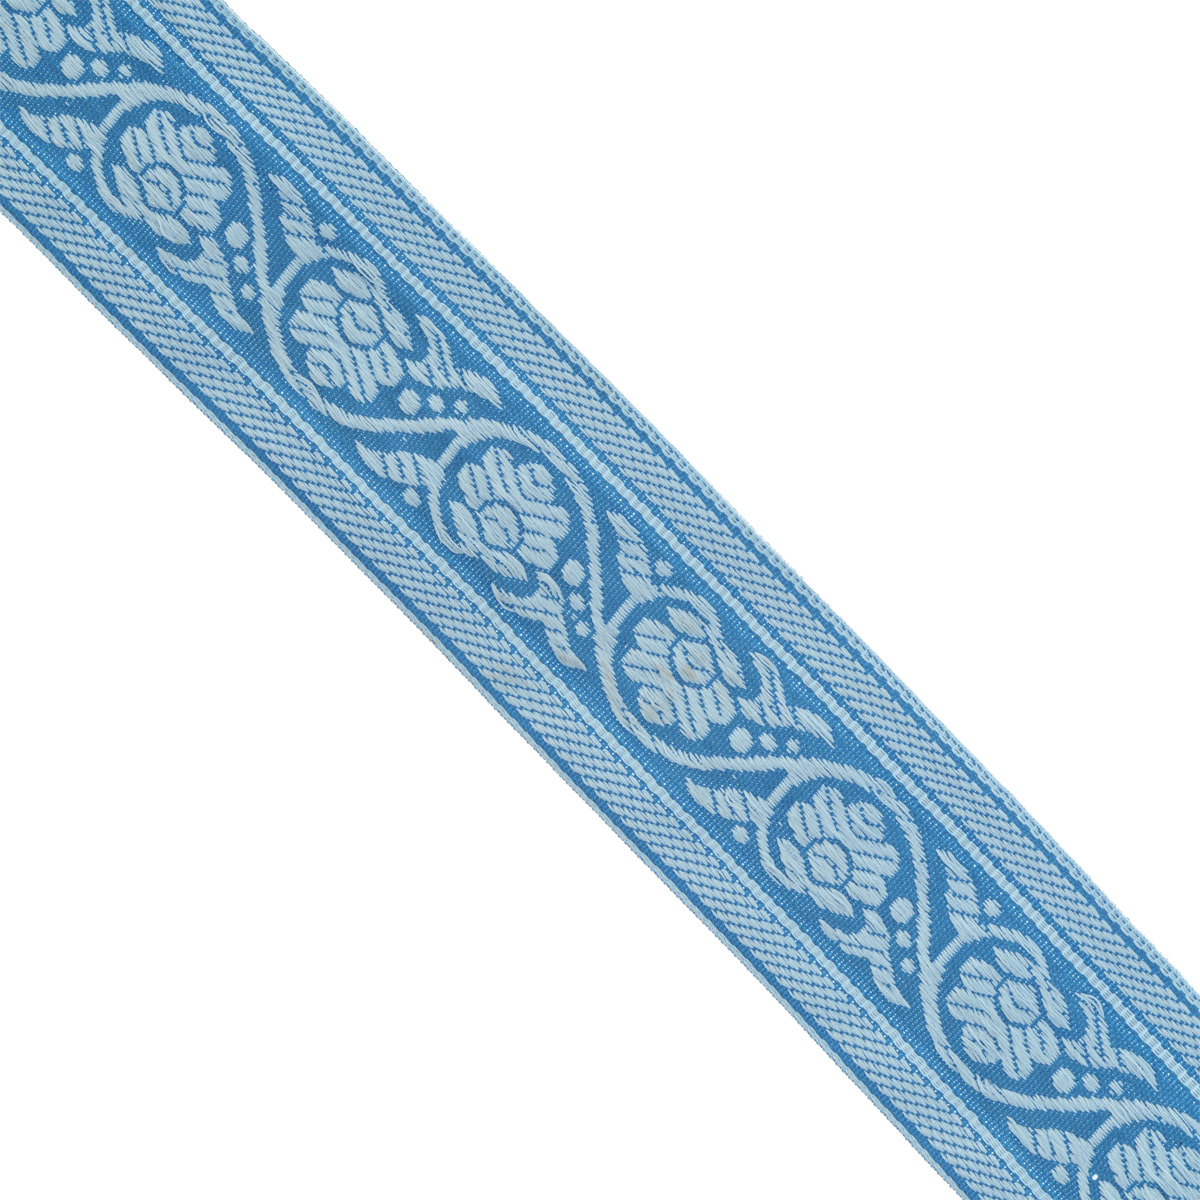 Тесьма декоративная Астра, цвет: синий (187/184), ширина 3,5 см, длина 16,4 м. 77033487703348_187/184Декоративная тесьма Астра выполнена из текстиля и оформлена оригинальным орнаментом. Такая тесьма идеально подойдет для оформления различных творческих работ таких, как скрапбукинг, аппликация, декор коробок и открыток и многое другое. Тесьма наивысшего качества и практична в использовании. Она станет незаменимым элементом в создании рукотворного шедевра. Ширина: 3,5 см.Длина: 16,4 м.